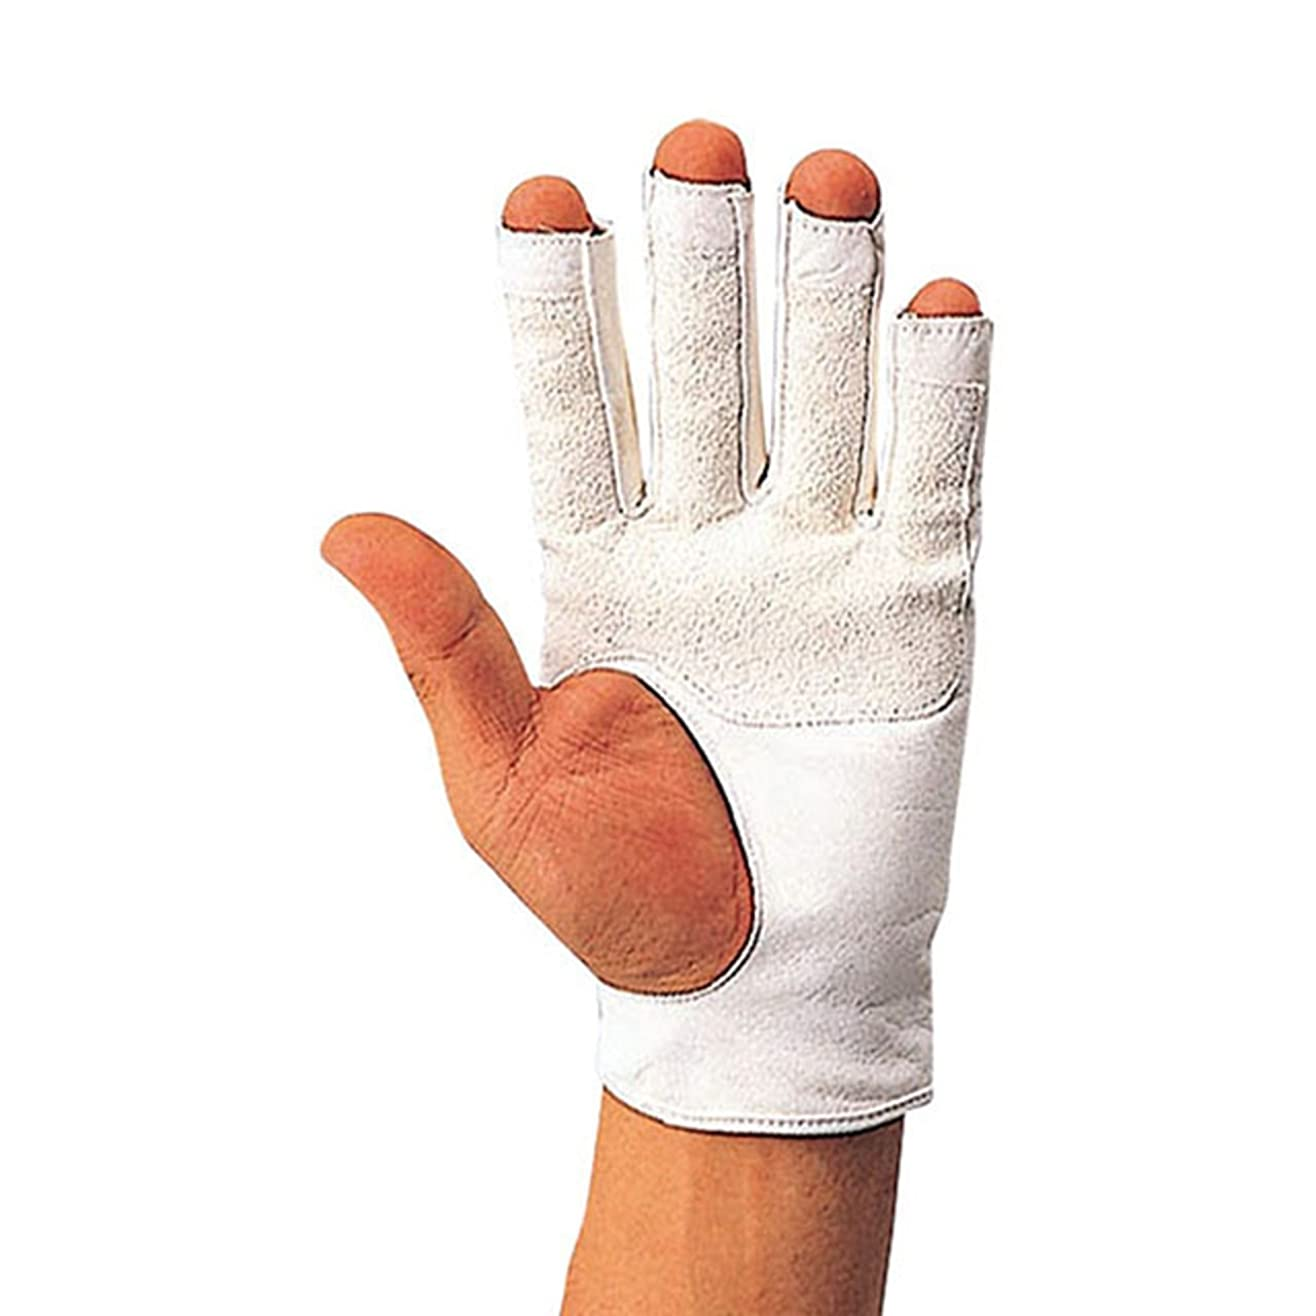 ライドコンピューターゲームをプレイするホイール淡野製作所(DANNO) ハンマー用手袋(左手)S、M D-216HI